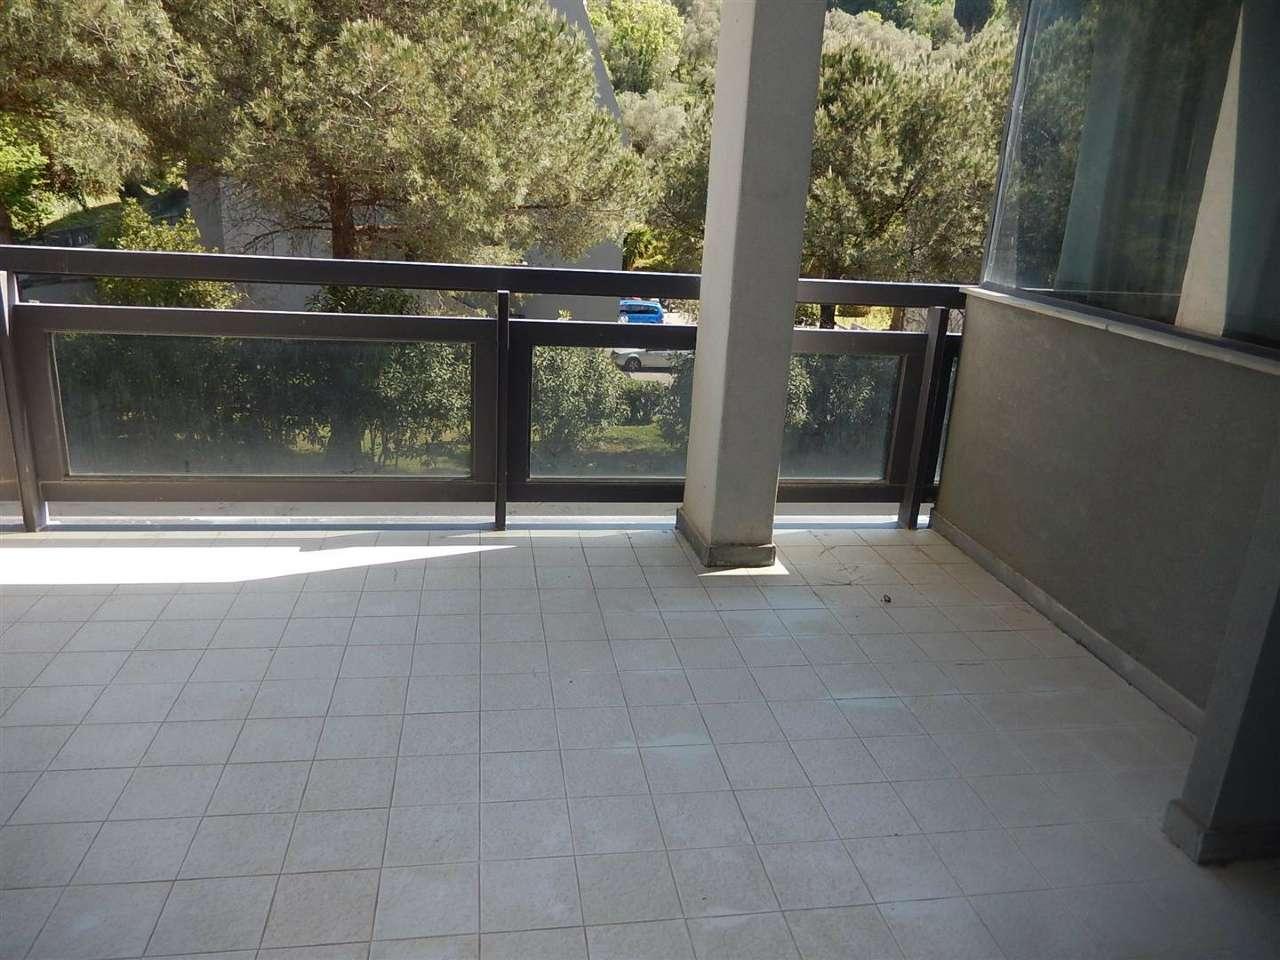 Appartamento in vendita a Chiavari, 6 locali, prezzo € 350.000 | CambioCasa.it